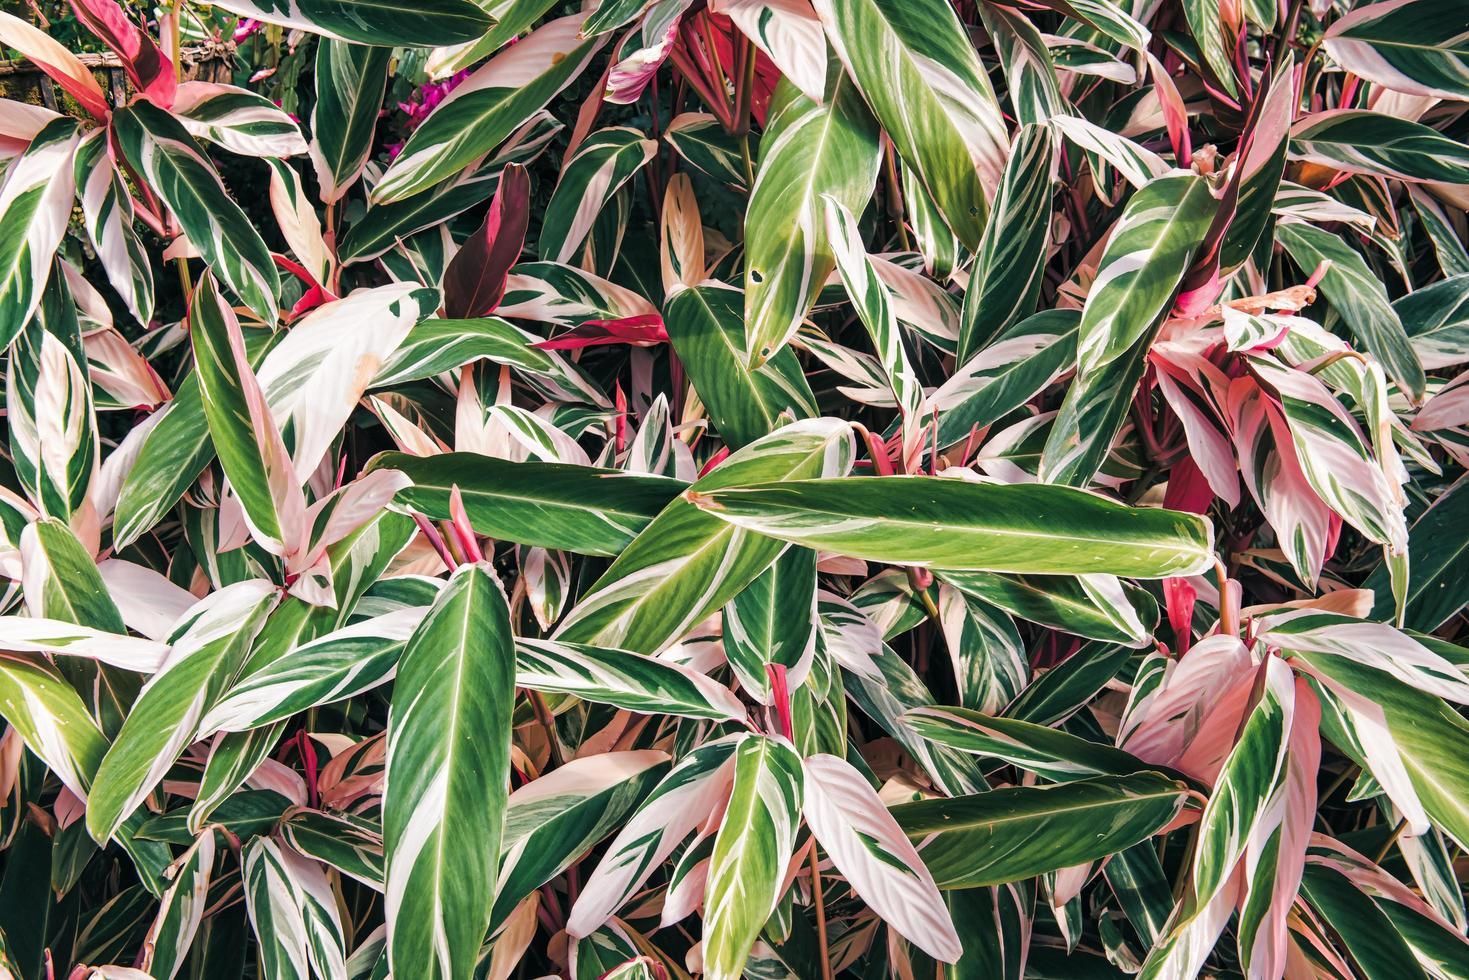 tropische natuur blad plant achtergrond foto